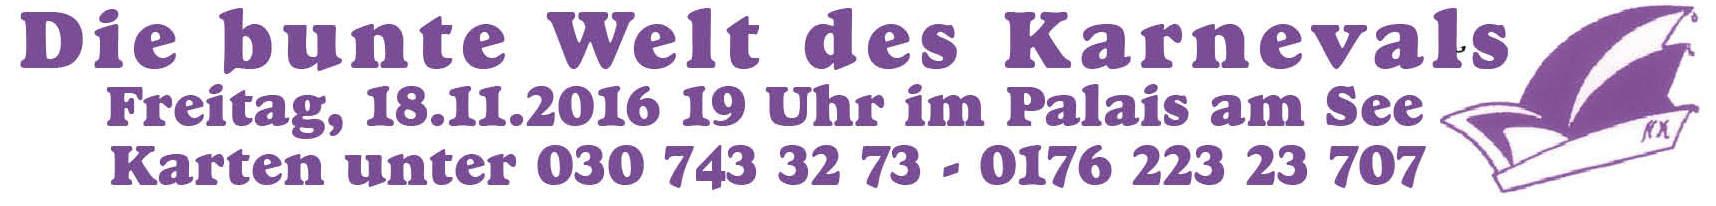 136 wp 08 narrenkappe Banner Eröffnung